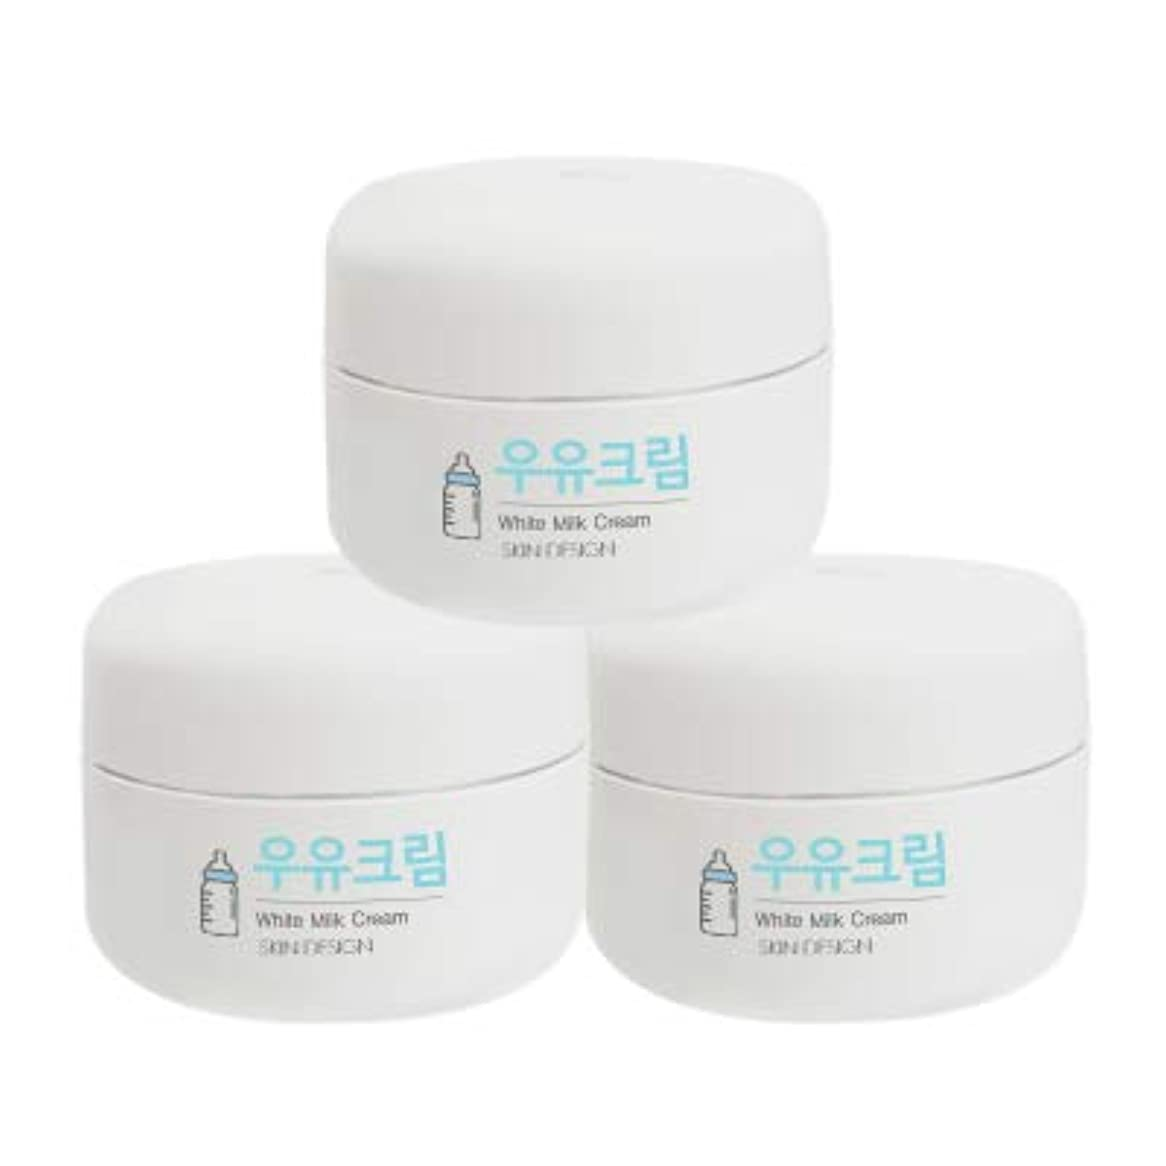 暗くするもスナッチ【3個】【SKIN DESIGN】 スキンデザイン 牛乳クリーム 3個セット WHITE MILK CREAM 韓国 ウユクリーム